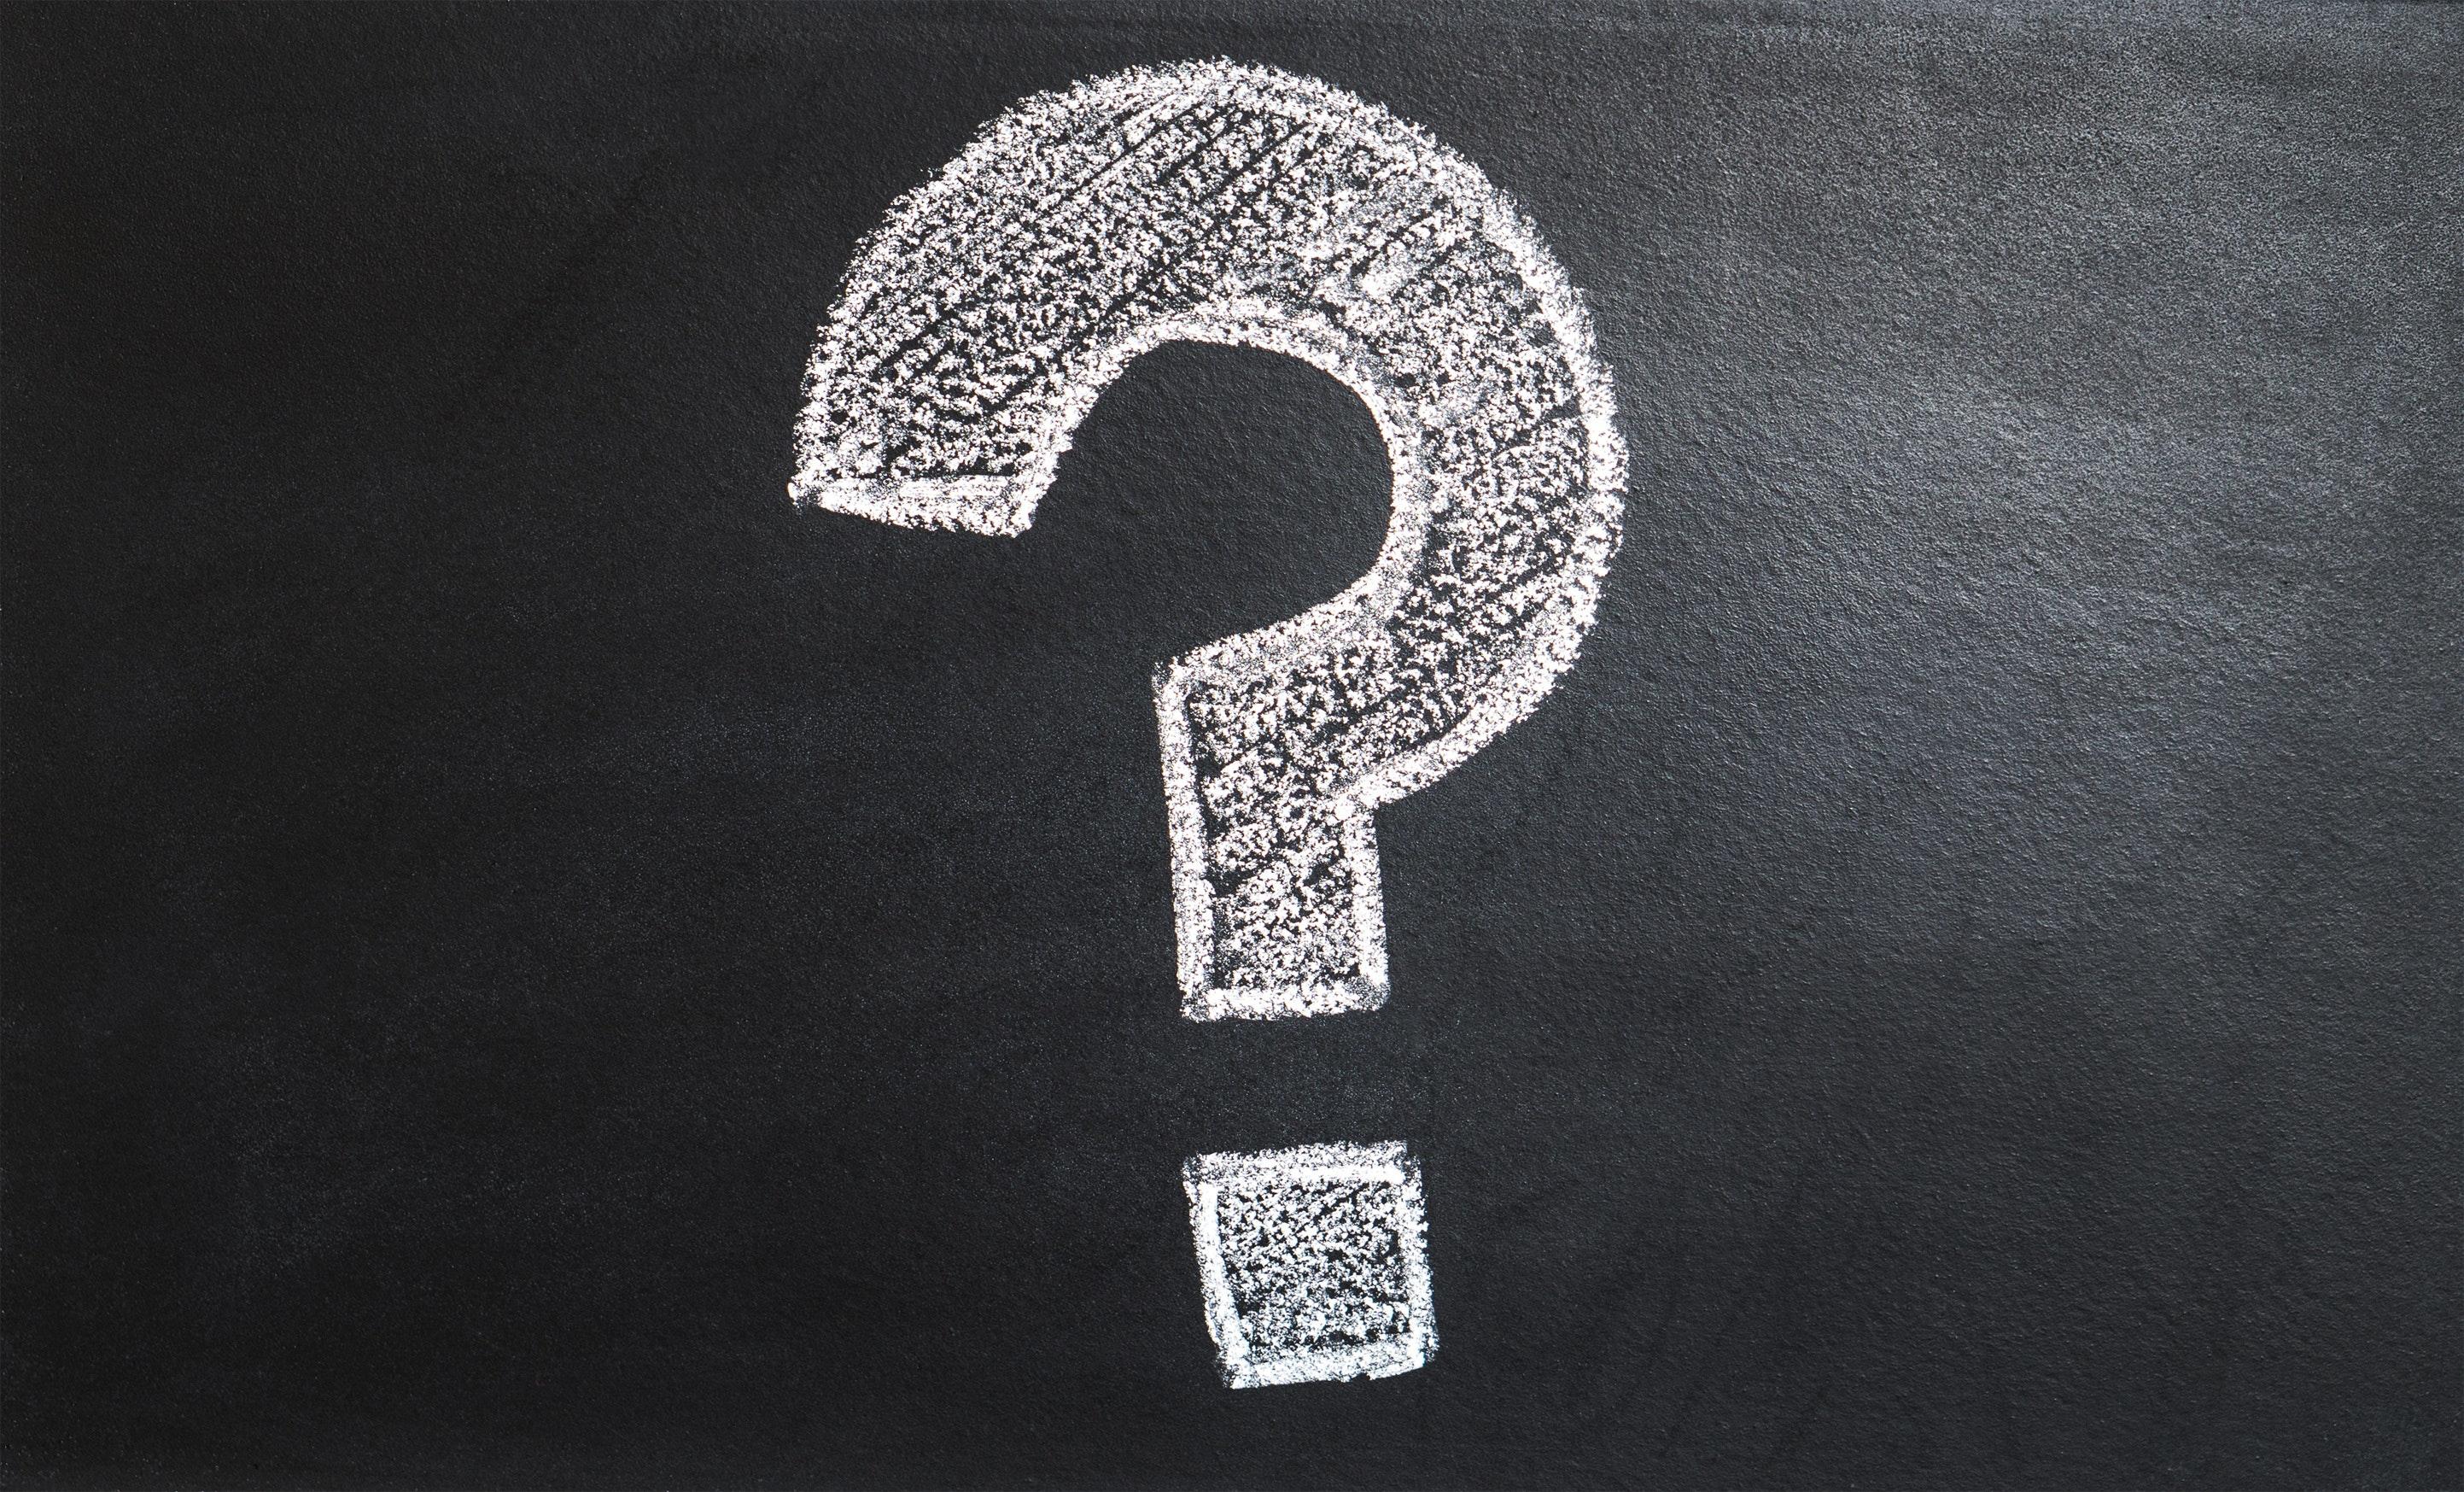 Fragen stellen braucht viel Erfahrung. pluswert hat diese.